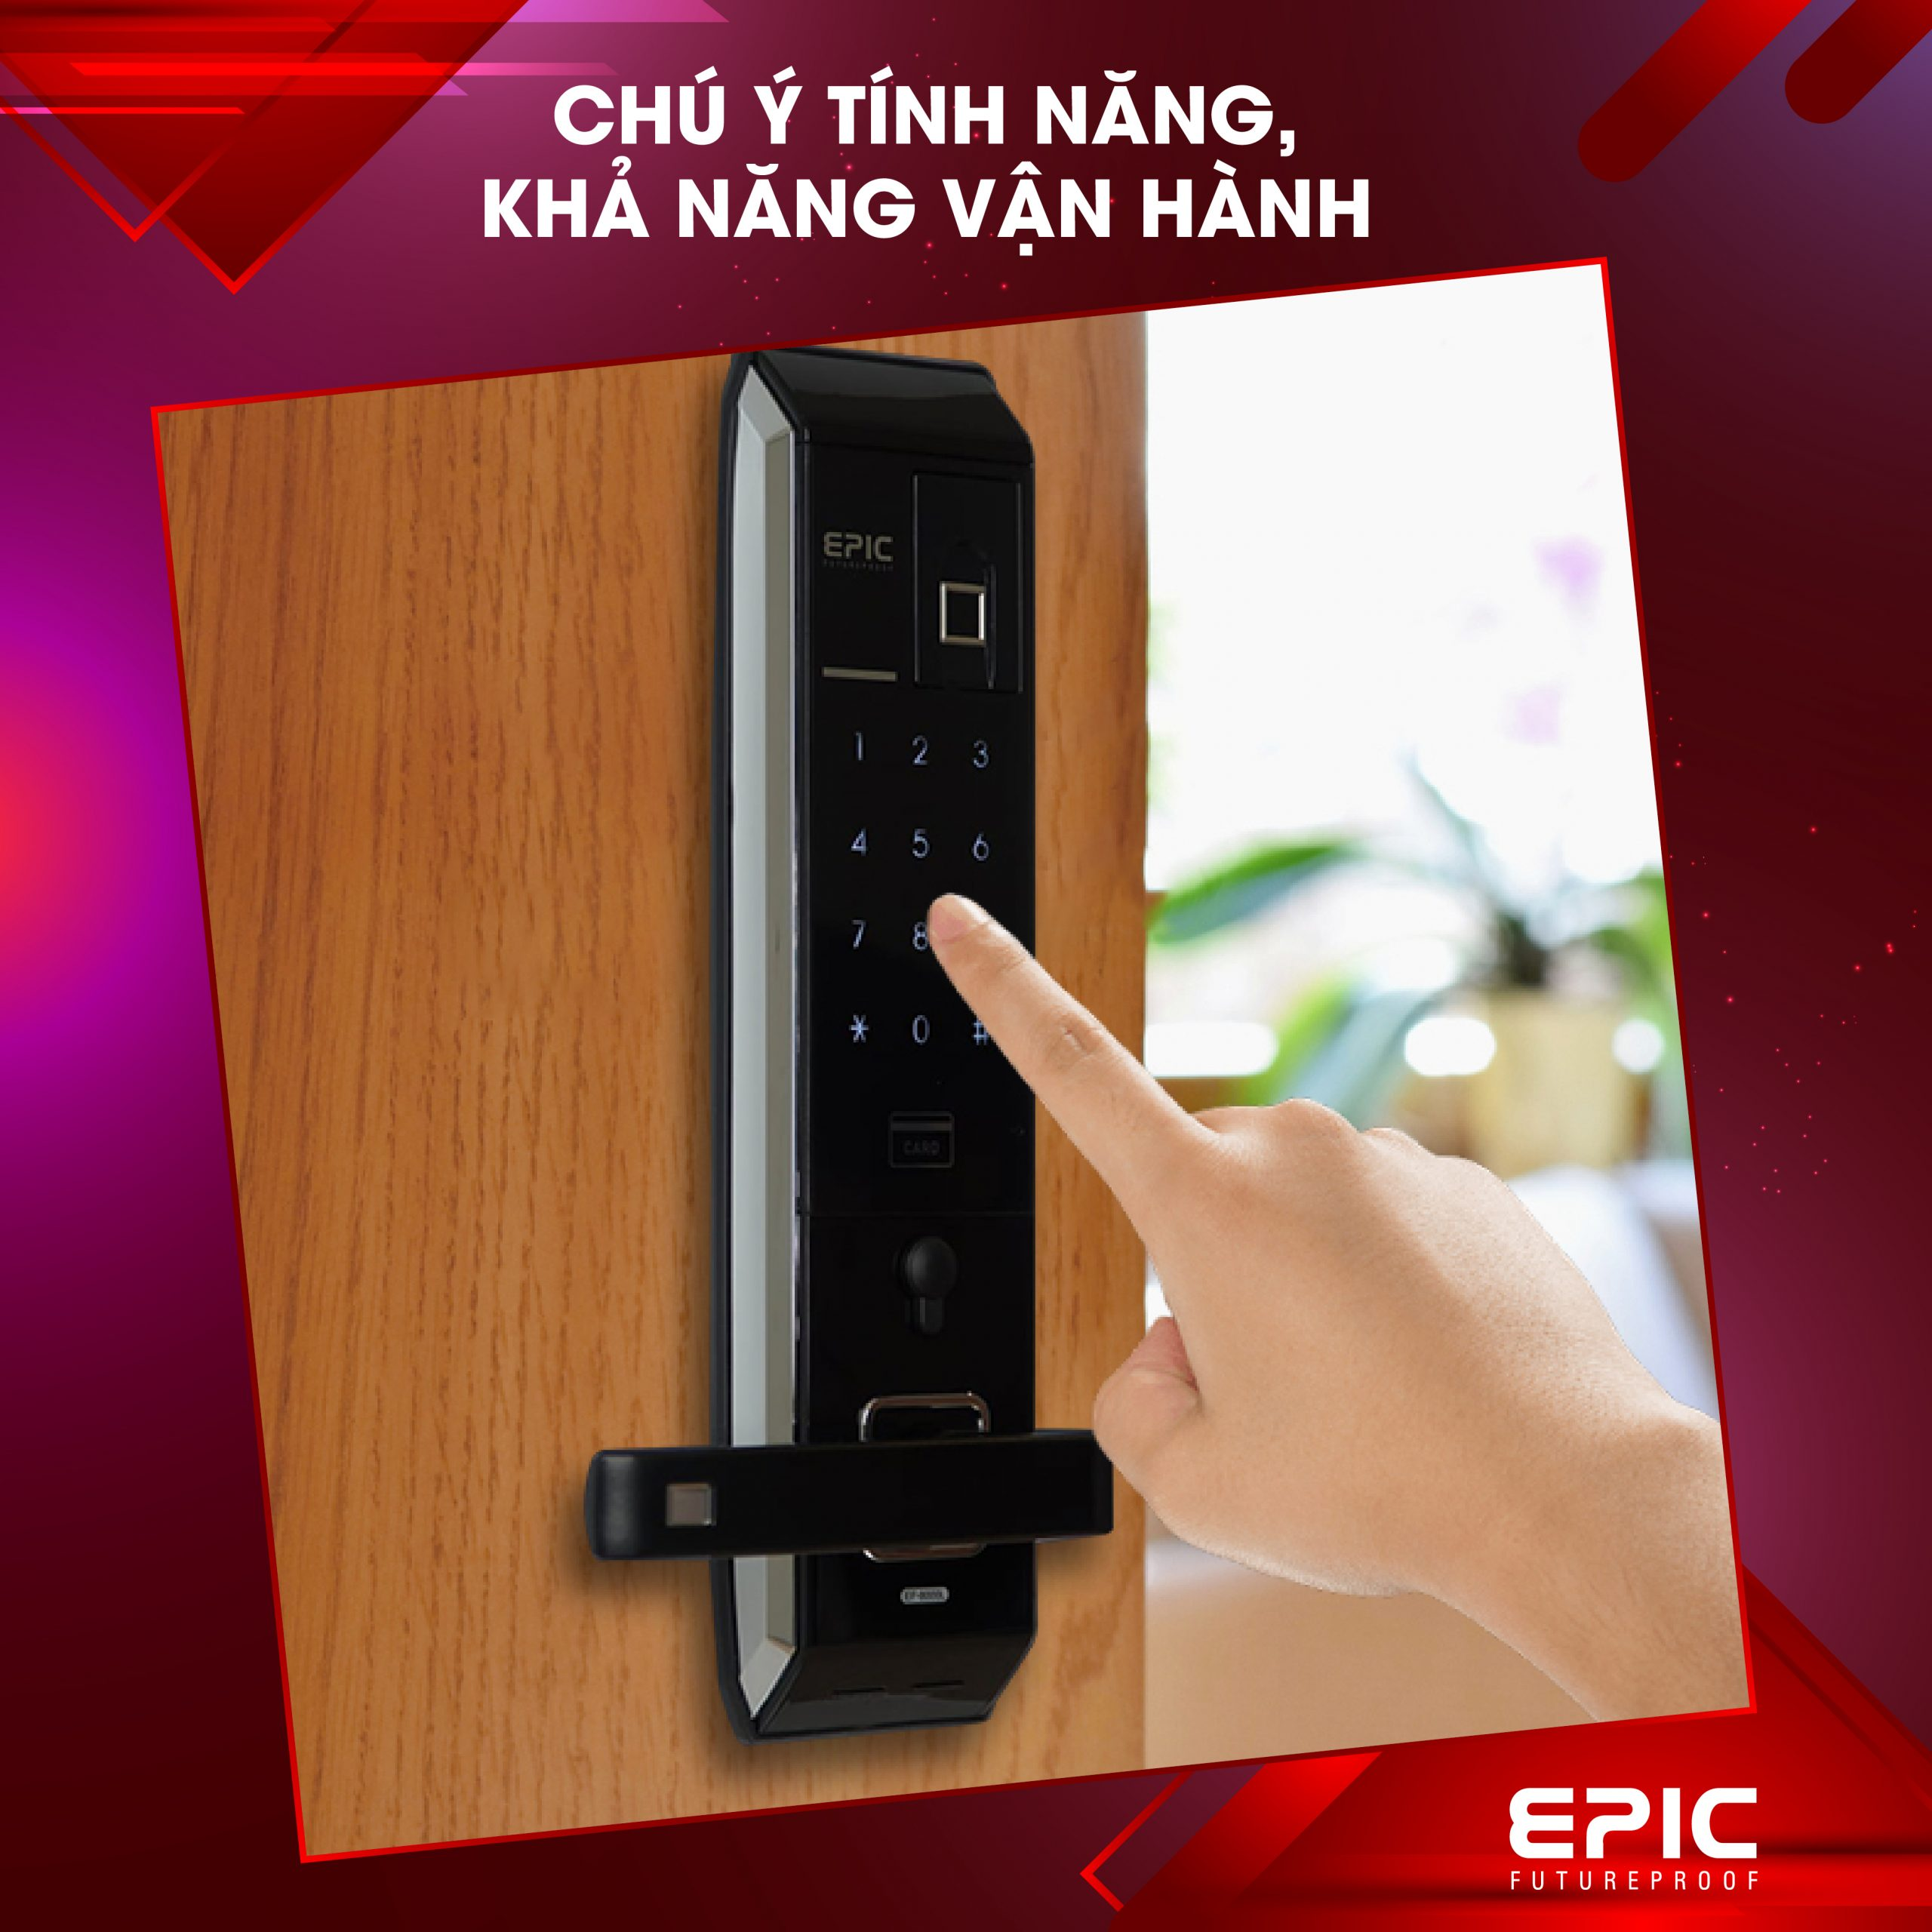 lam-the-nao-de-chon-khoa-van-tay-tot